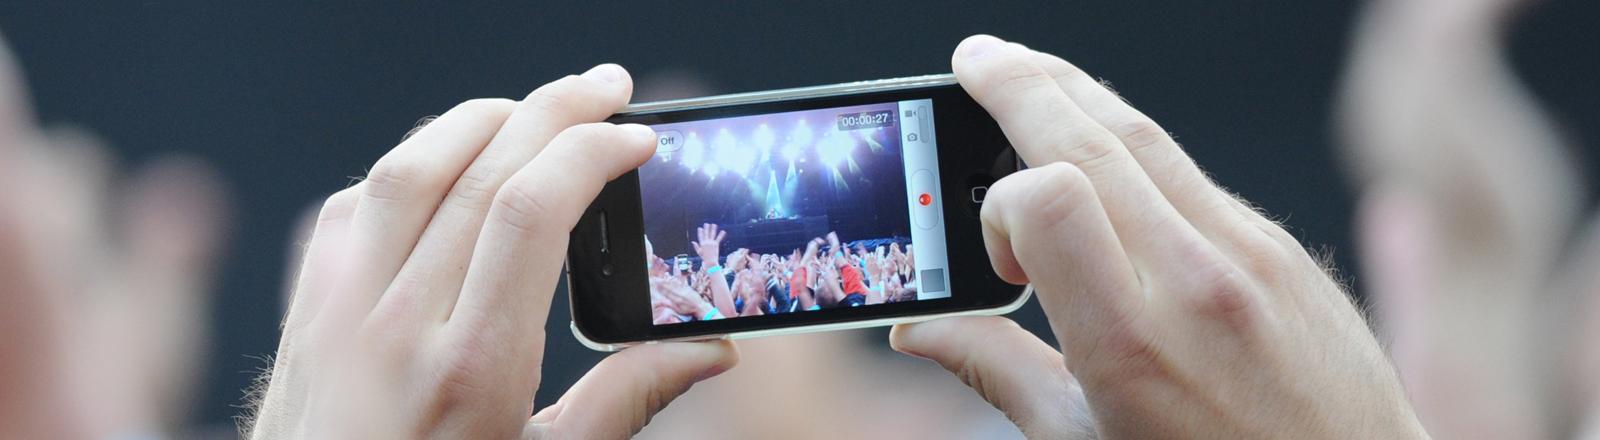 Mensch, der auf Konzert filmt